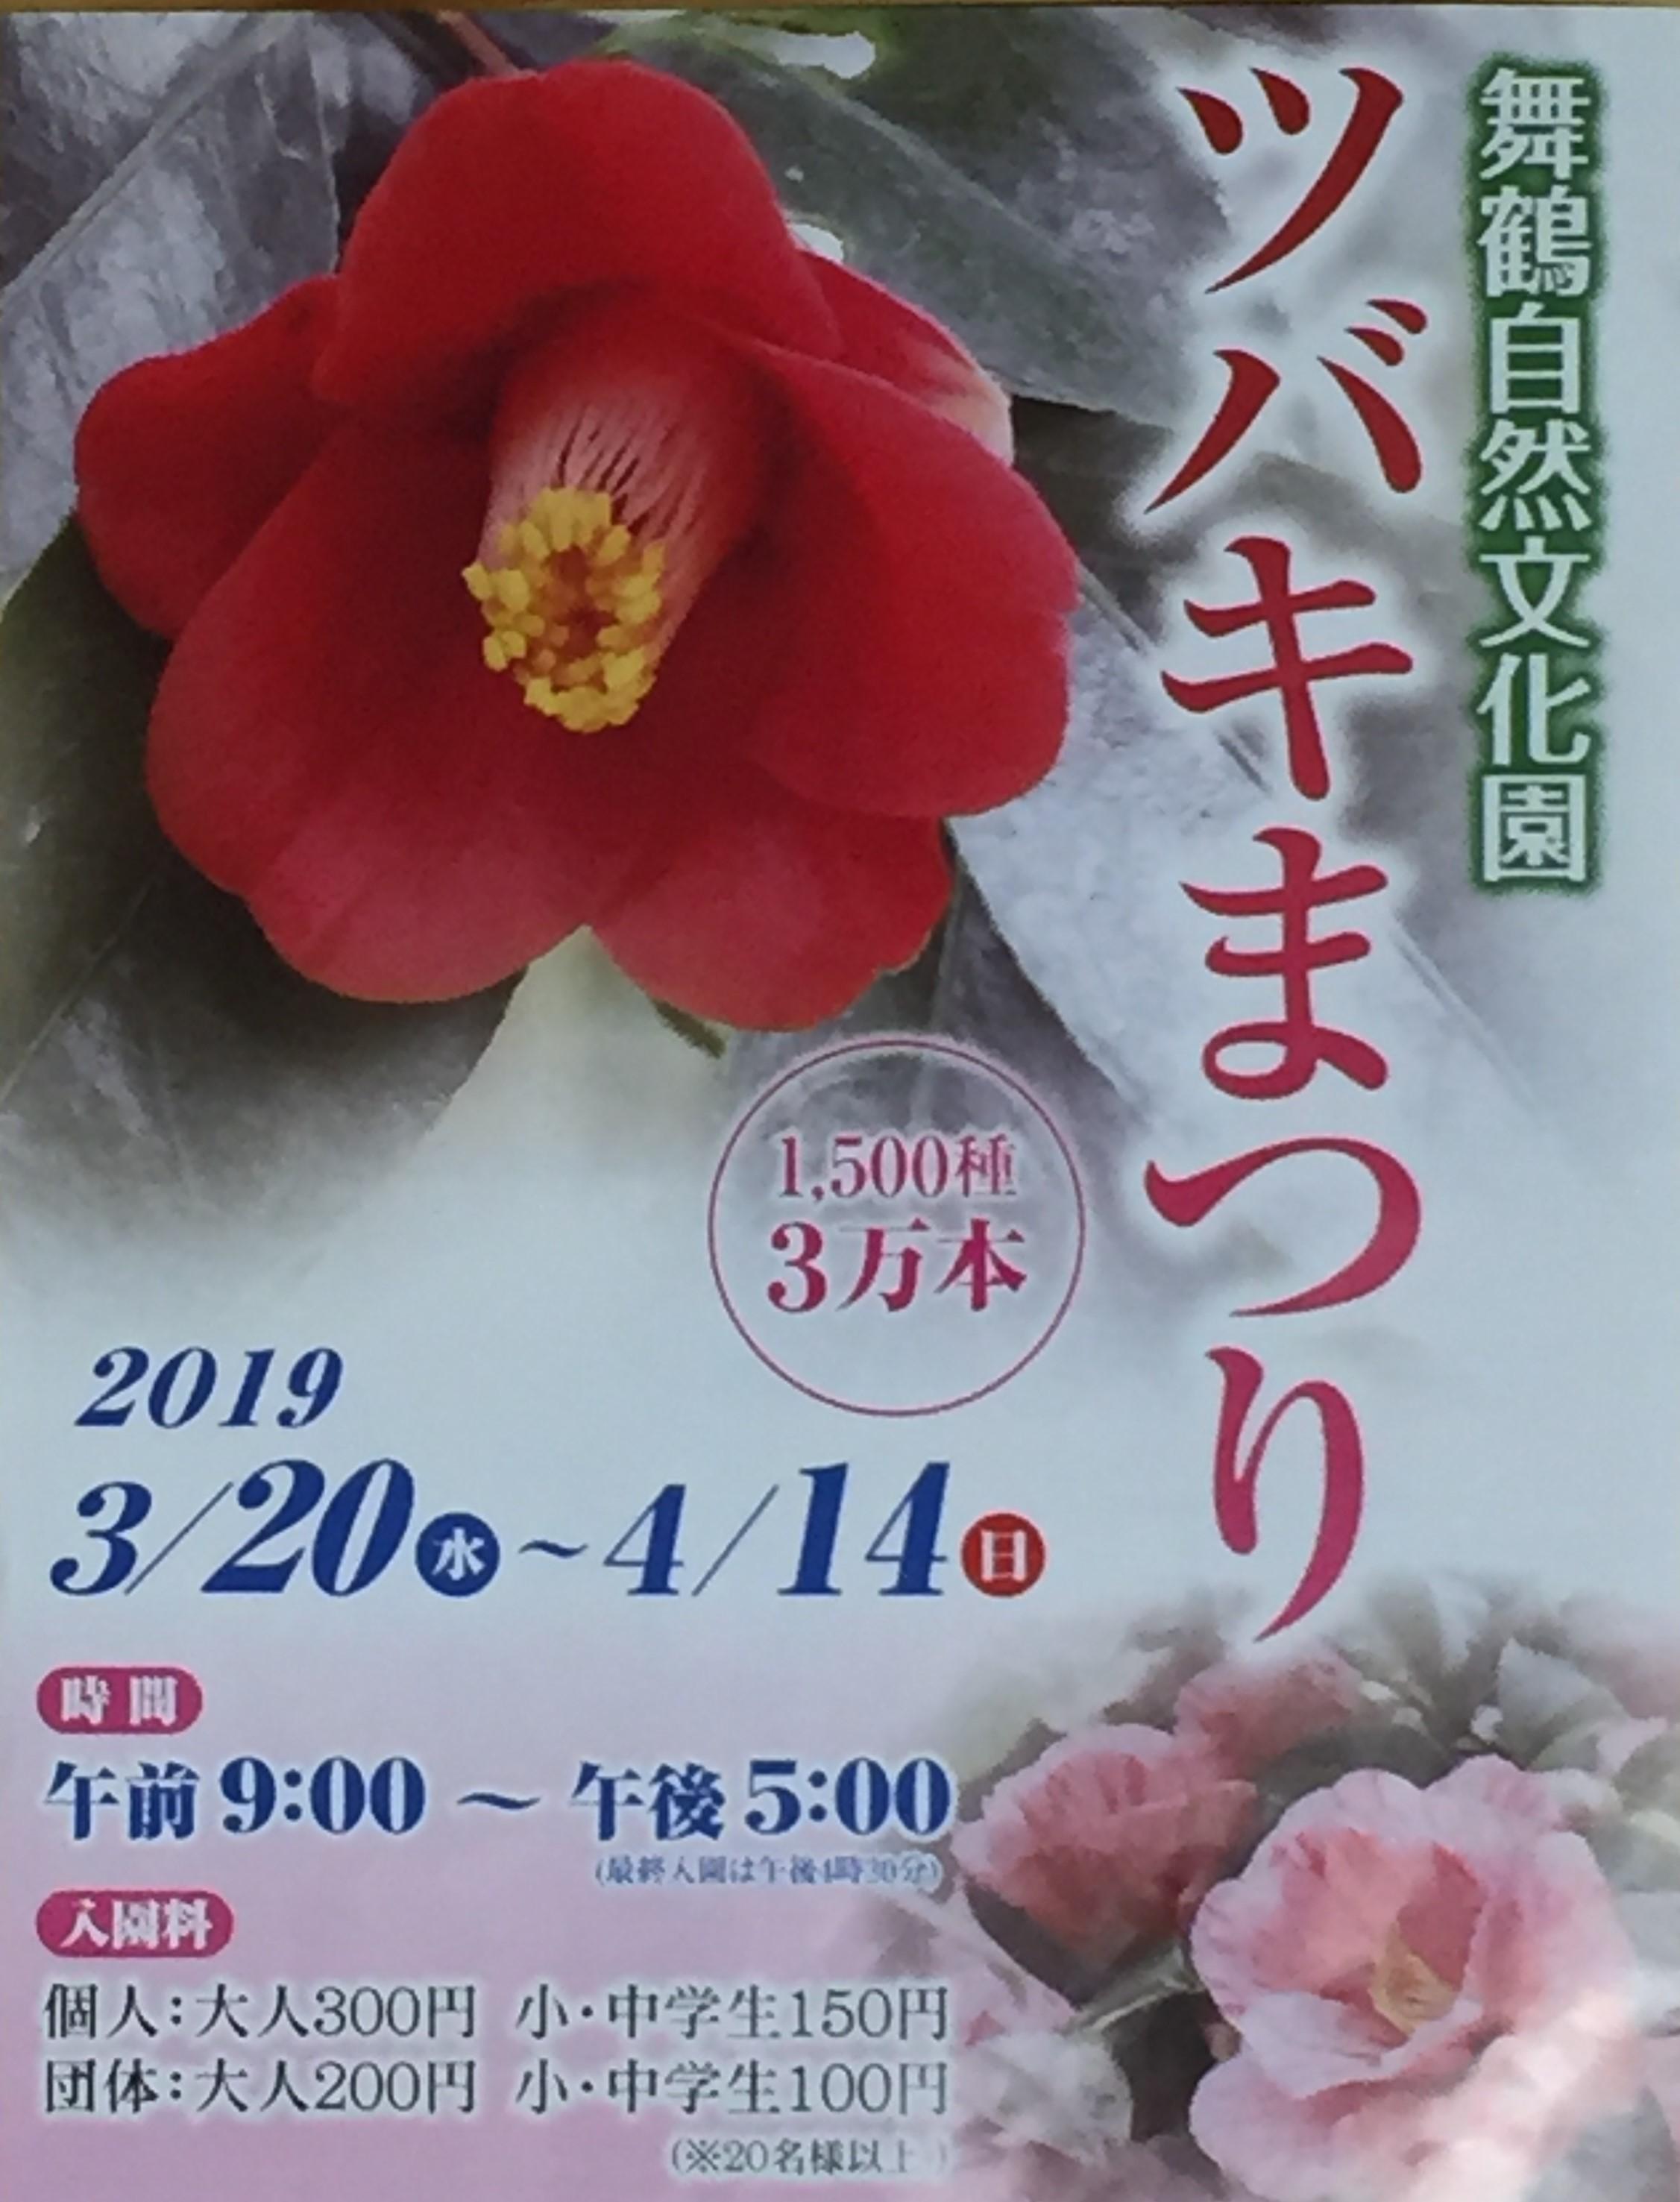 2019 ツバキまつり(舞鶴自然文化園)